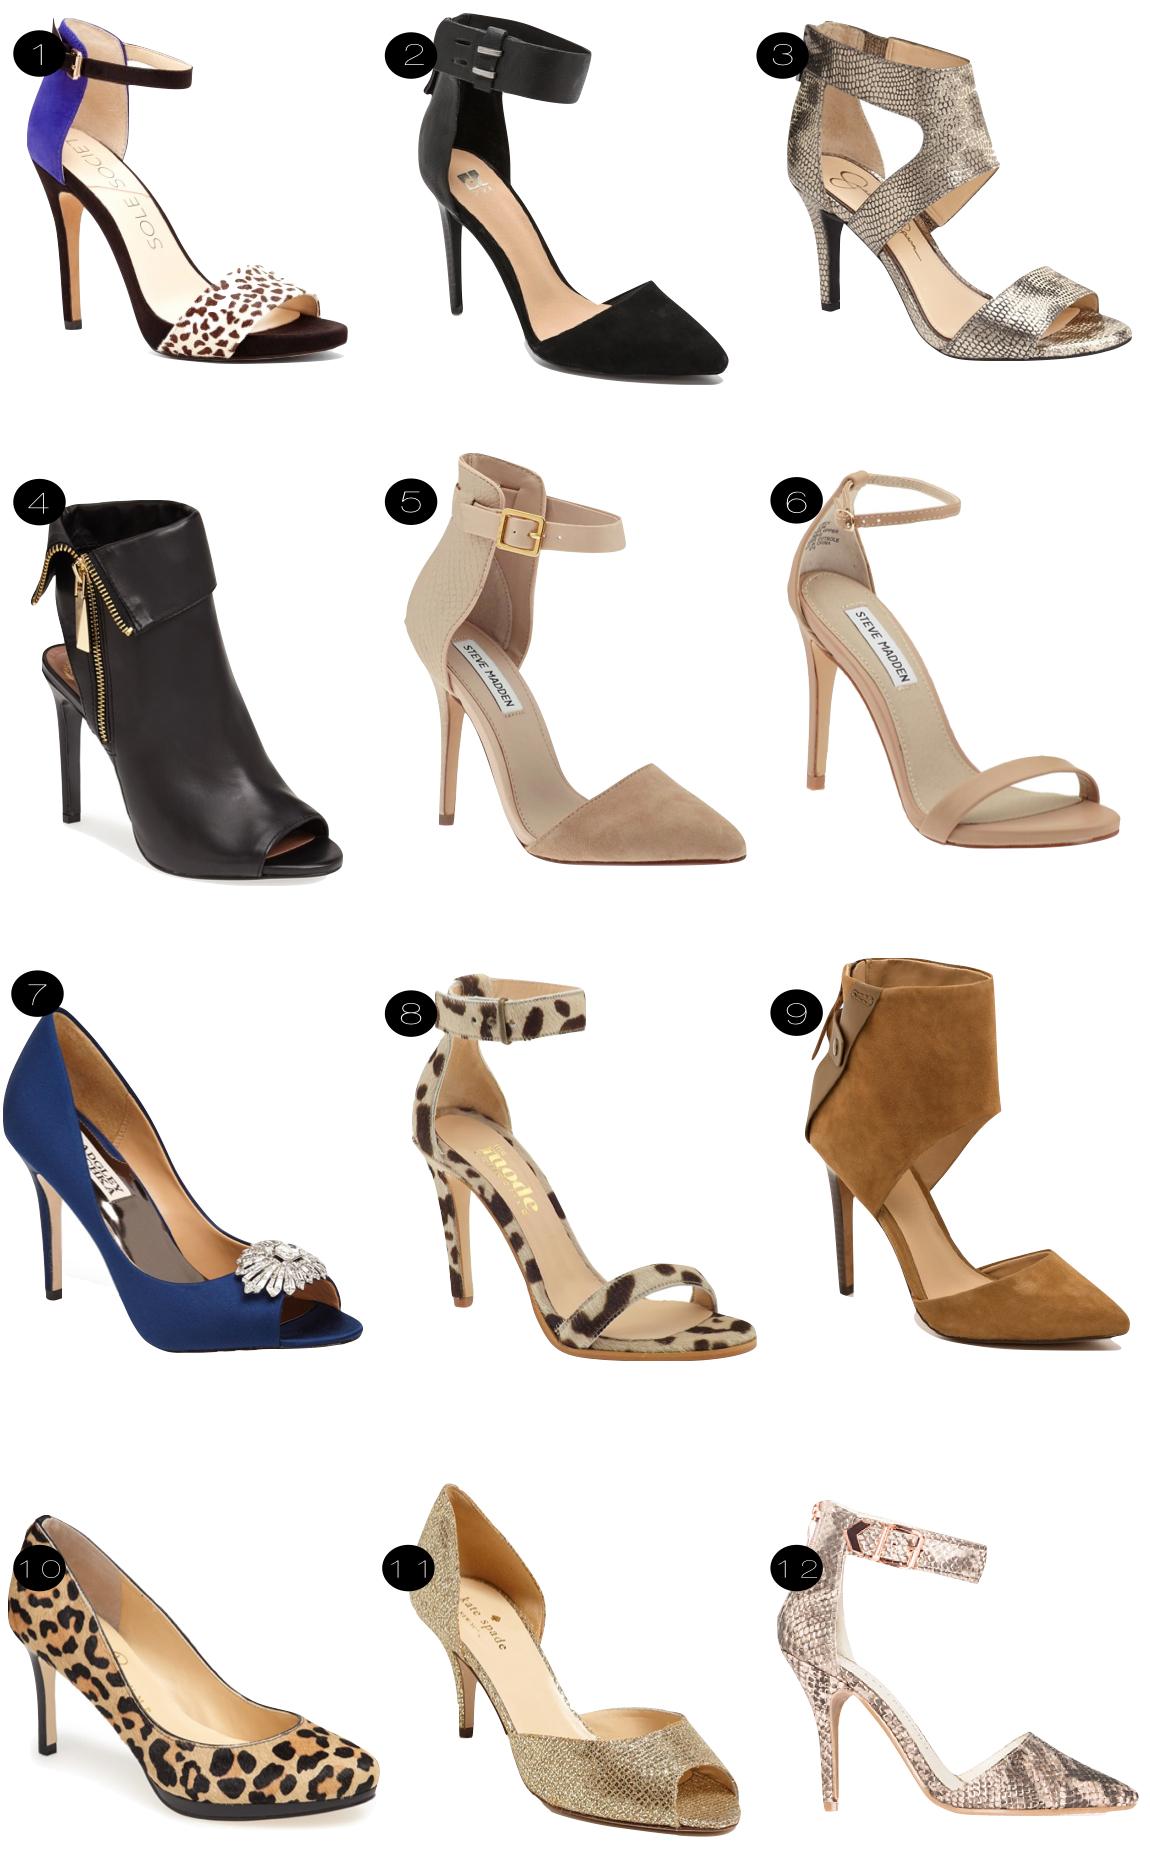 fall heels  |  kiki's list